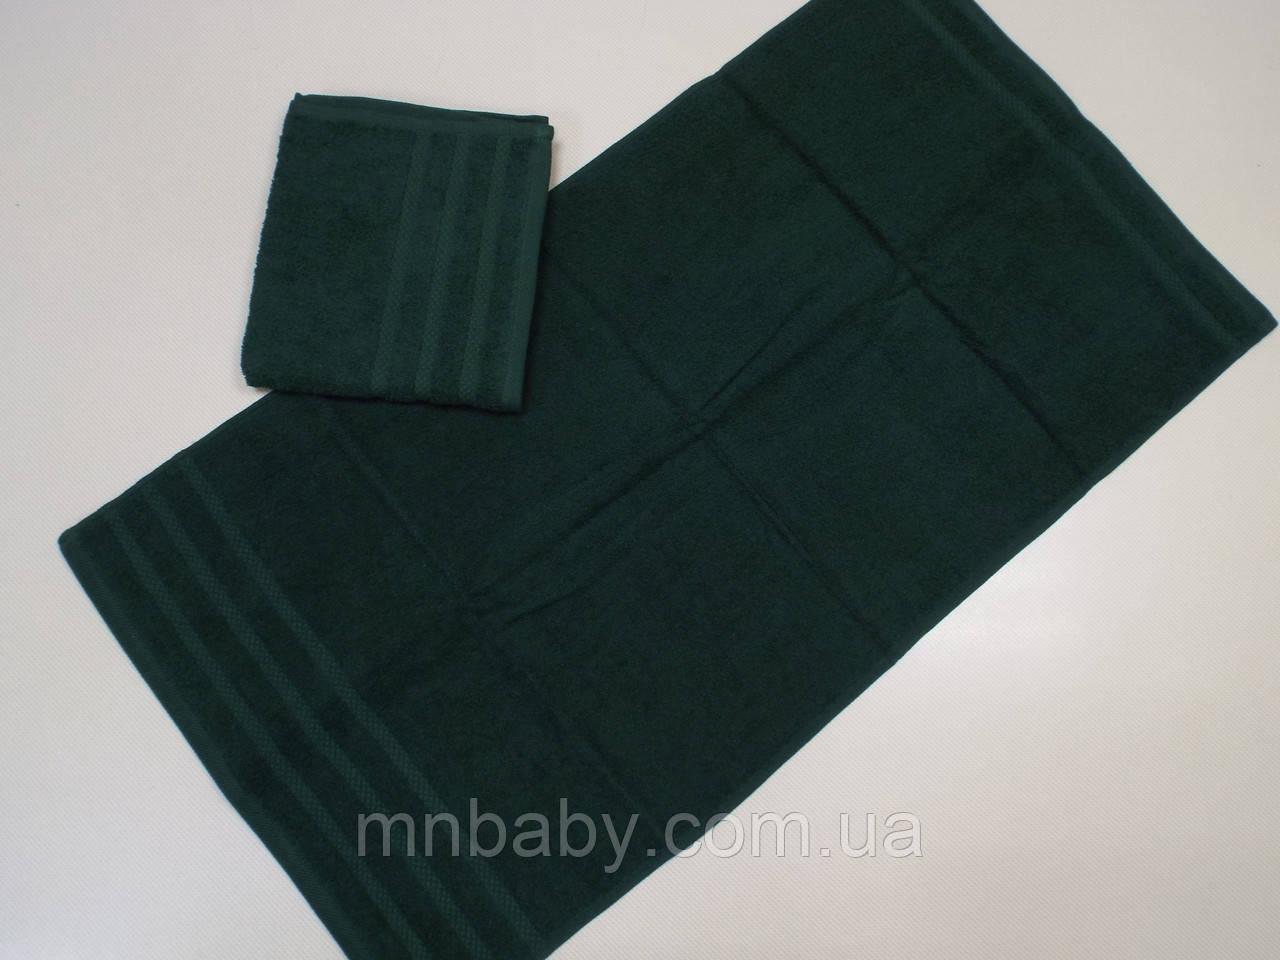 Полотенце махровое 50*90 см зеленое